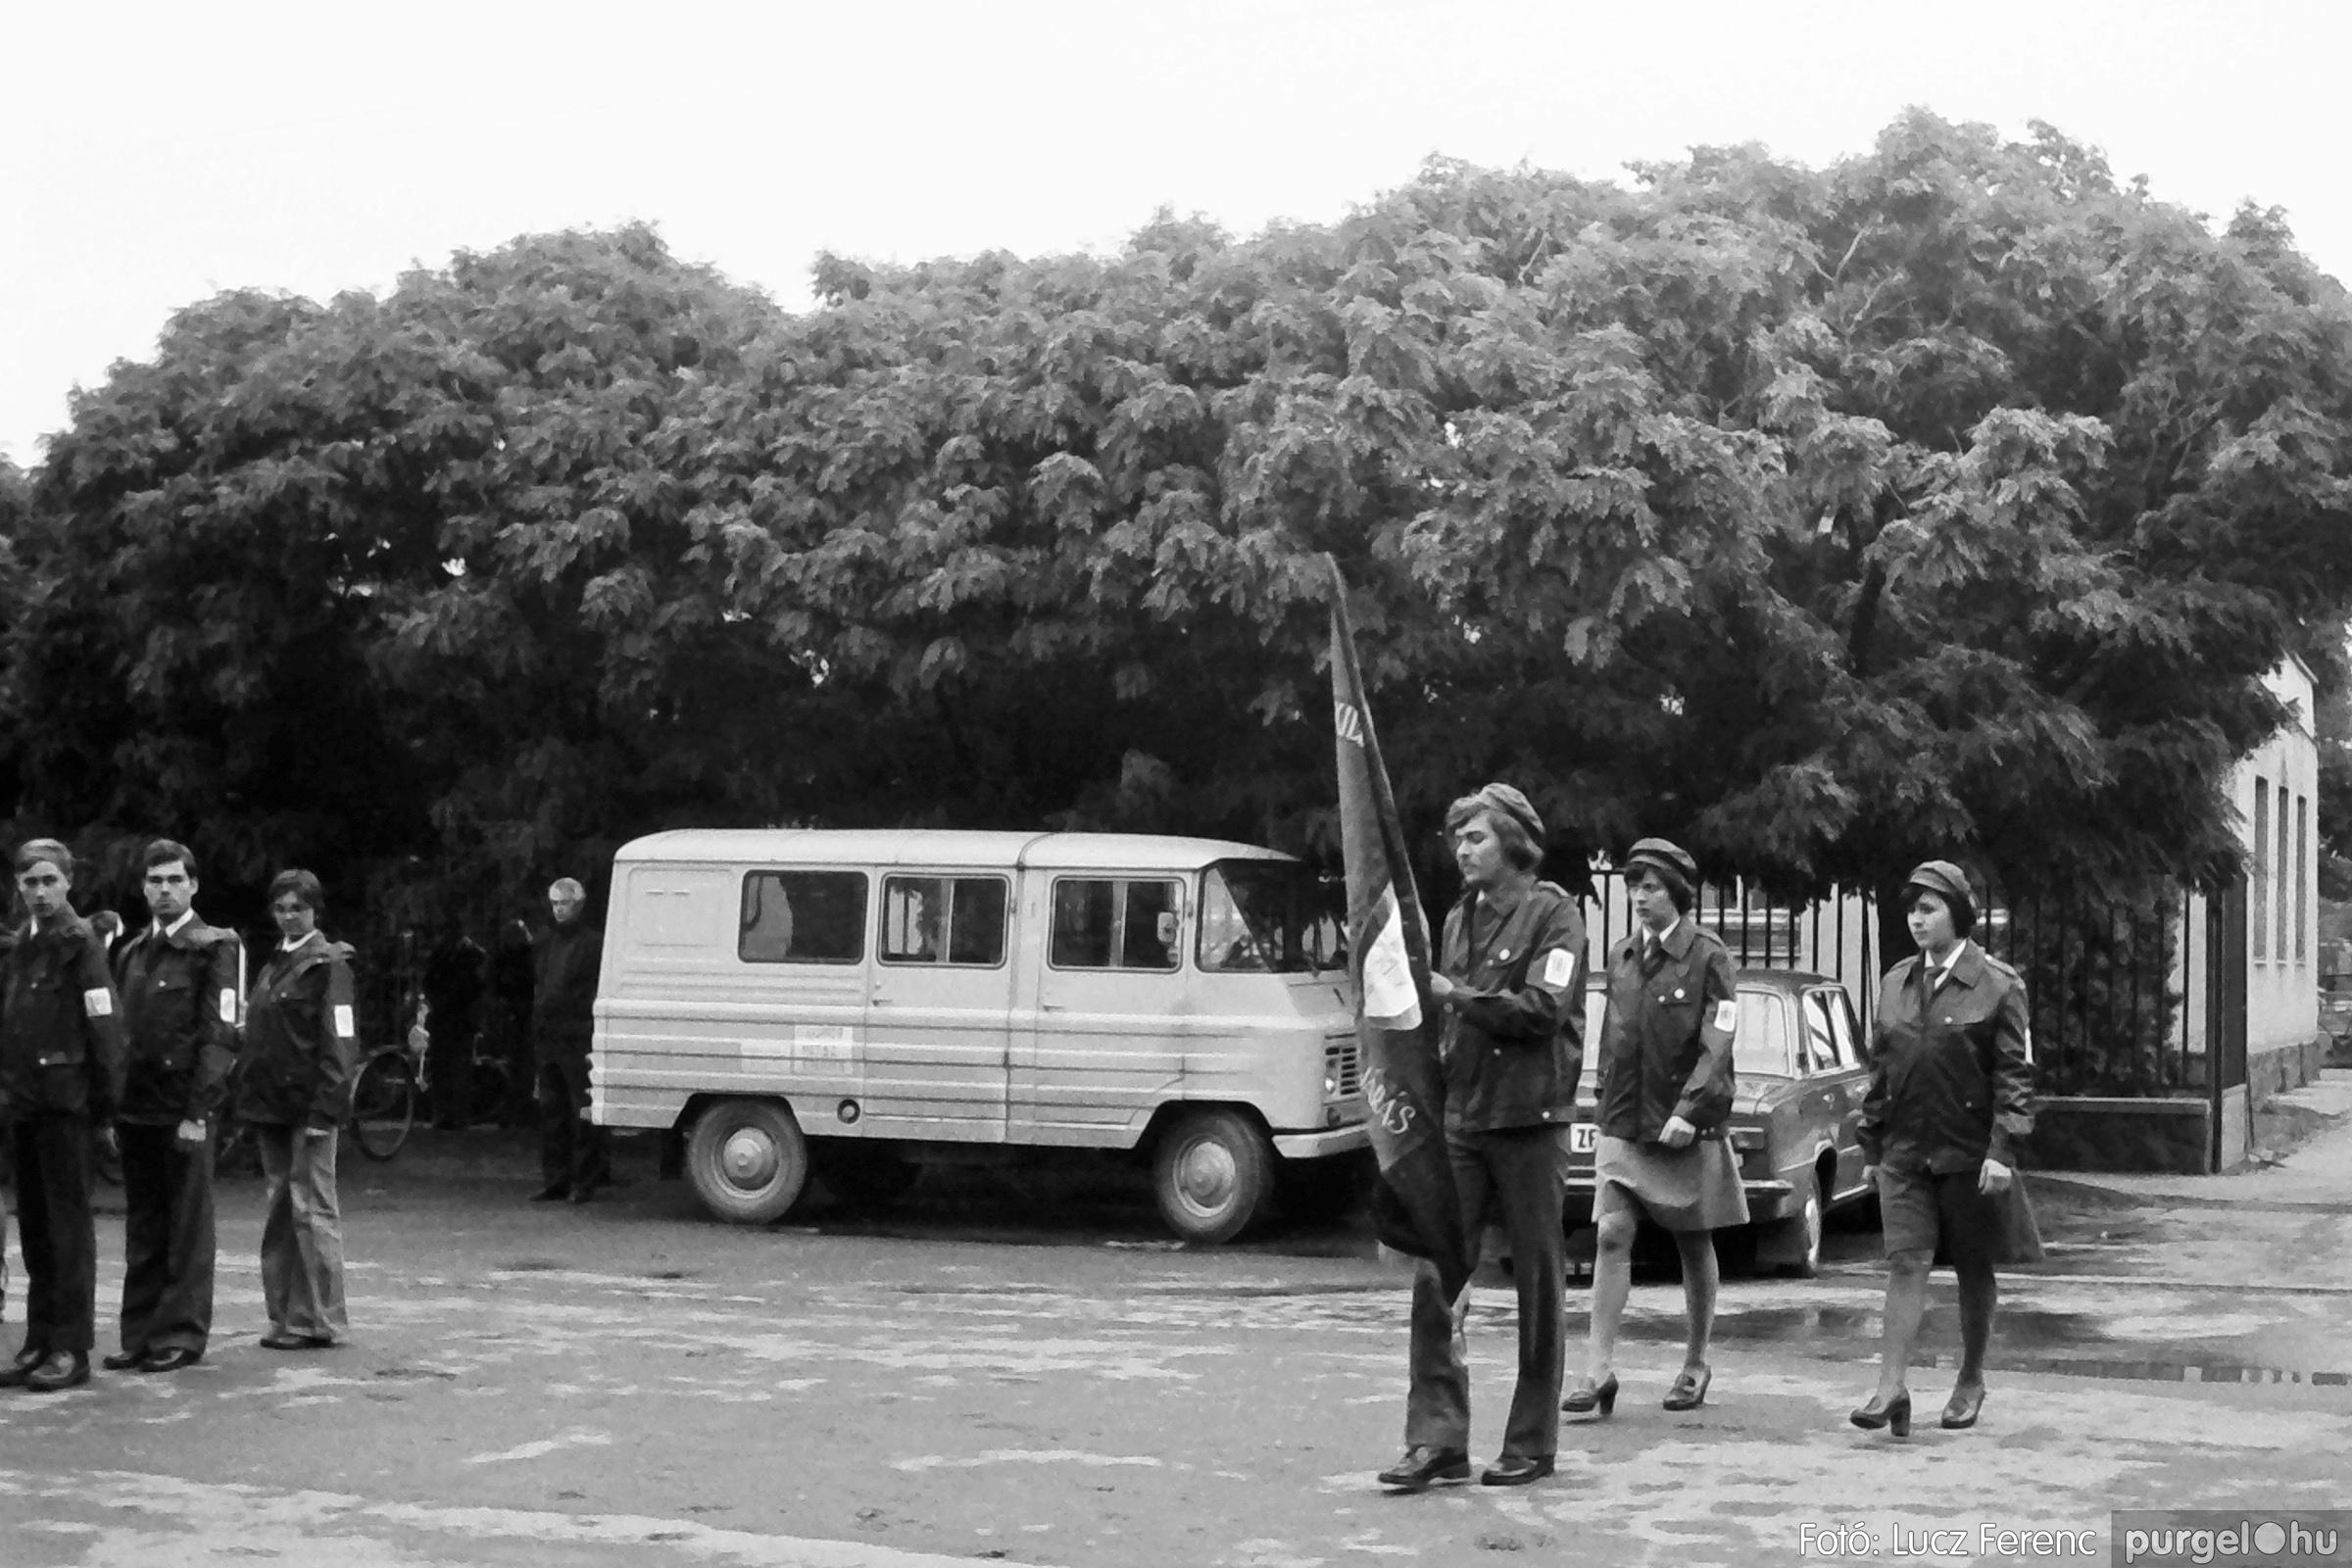 090. 1977. Úttörő gárda - ifjú gárda seregszemle 013. - Fotó: Lucz Ferenc.jpg